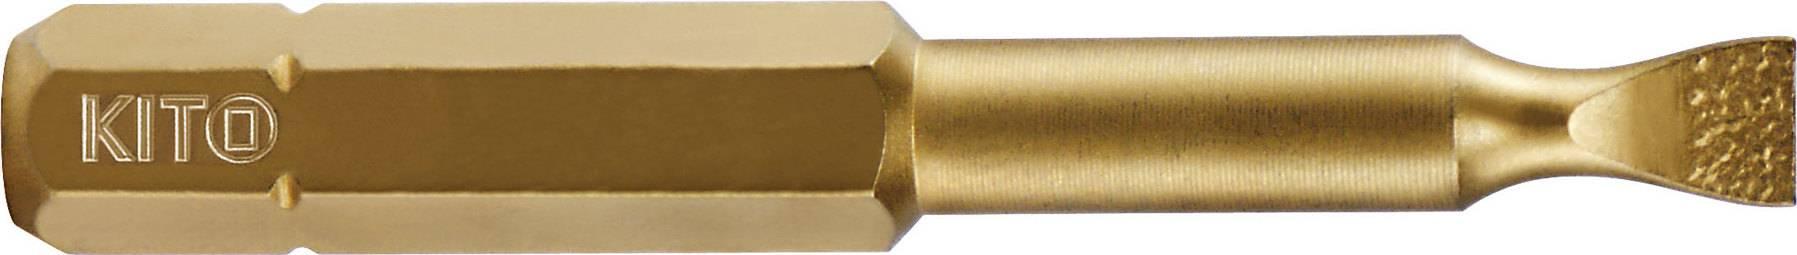 hrot, 5x50mm, S2/TiN 4821303 KITO